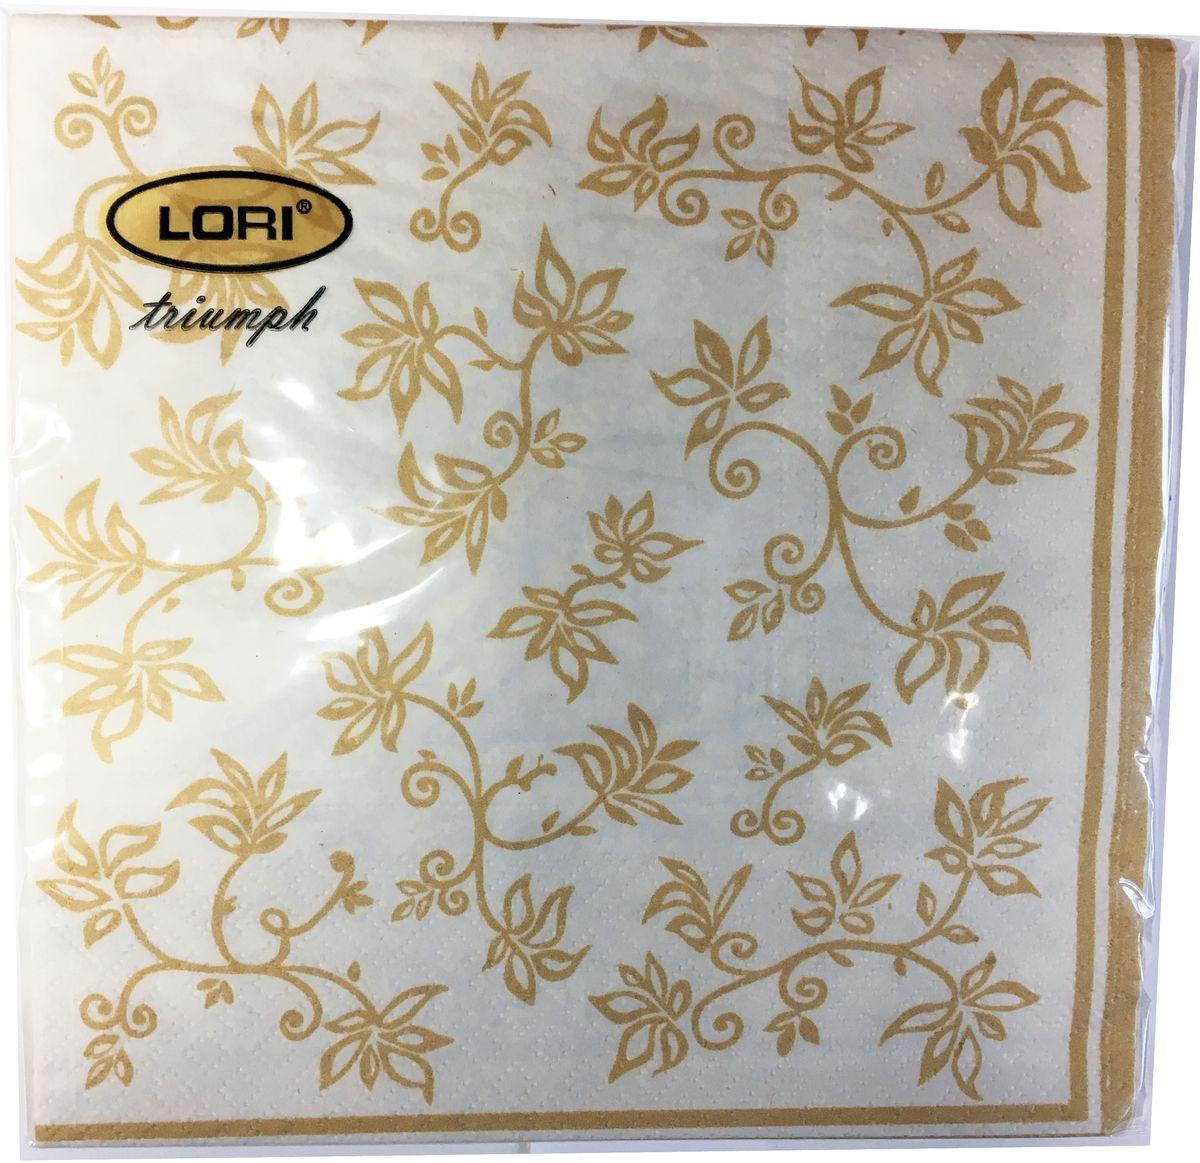 Салфетки бумажные Lori Triumph, трехслойные, цвет: коричневый, белый, 33 х 33 см, 20 шт. 5608290472Декоративные трехслойные салфетки Lori Triumph выполнены из 100% целлюлозы и оформлены ярким рисунком. Изделия станут отличным дополнением любого праздничного стола. Они отличаются необычной мягкостью, прочностью и оригинальностью.Размер салфеток в развернутом виде: 33 х 33 см.